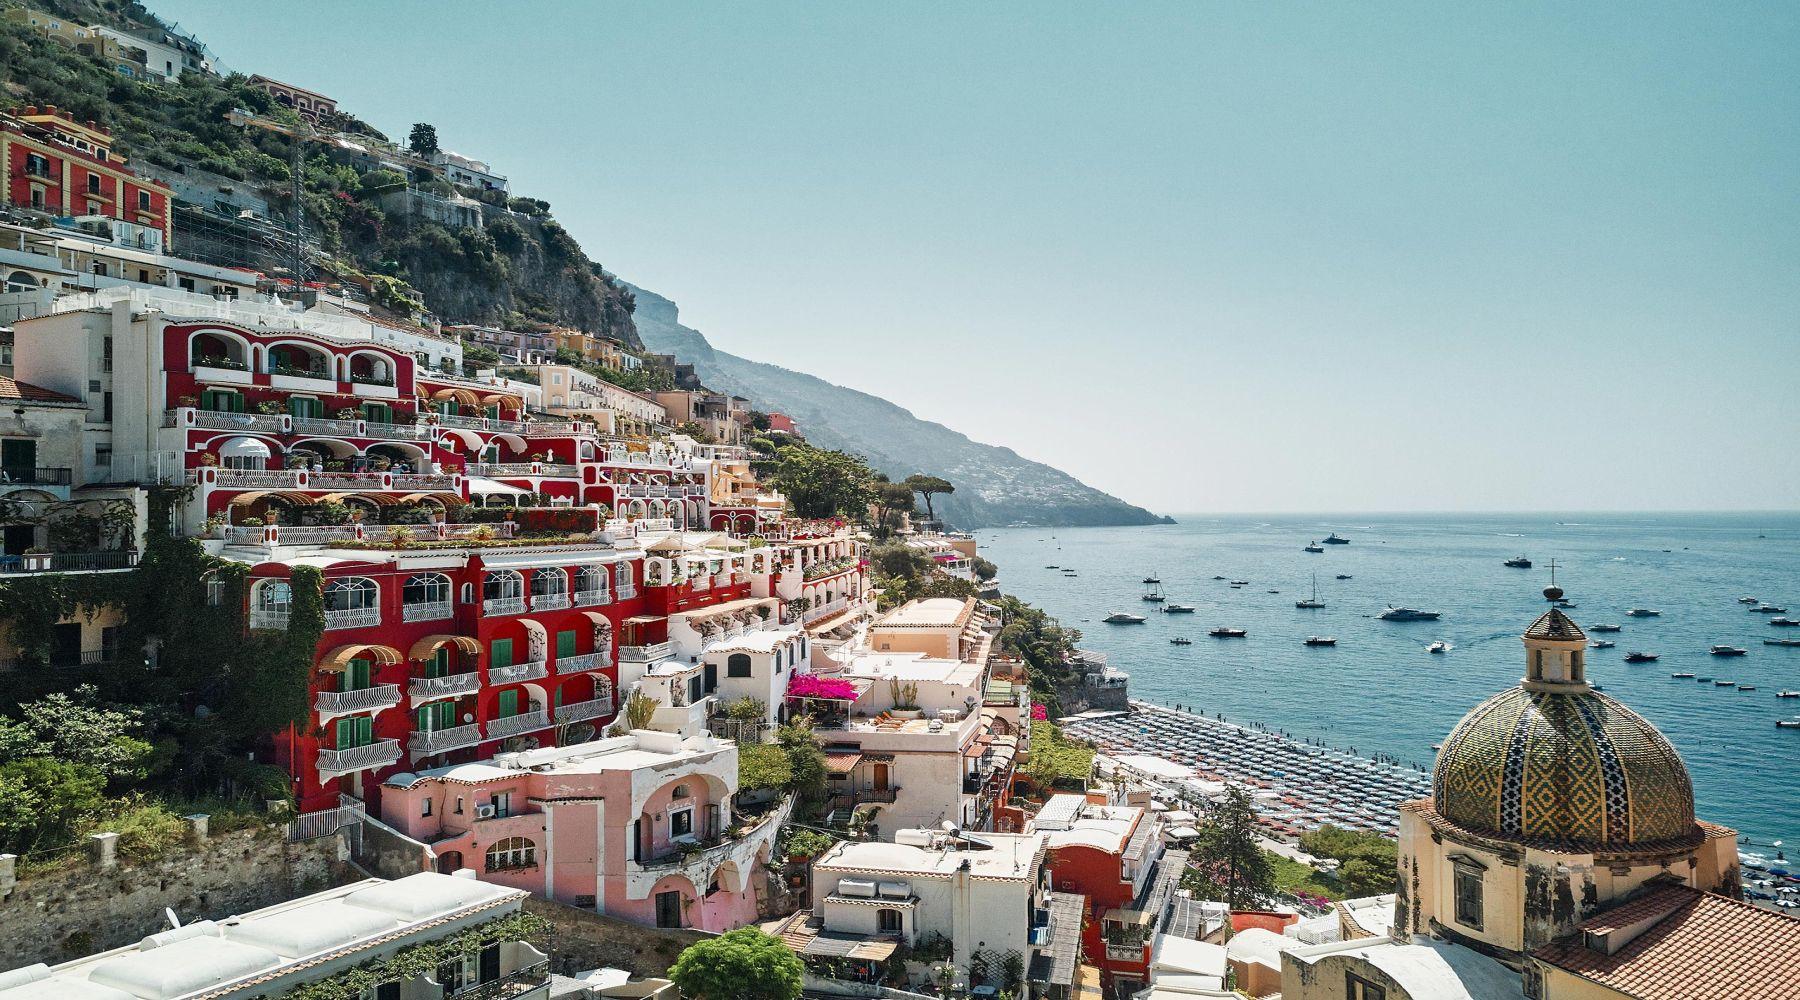 Le Sirenuse, Wybrzeże Amalfi, Włochy